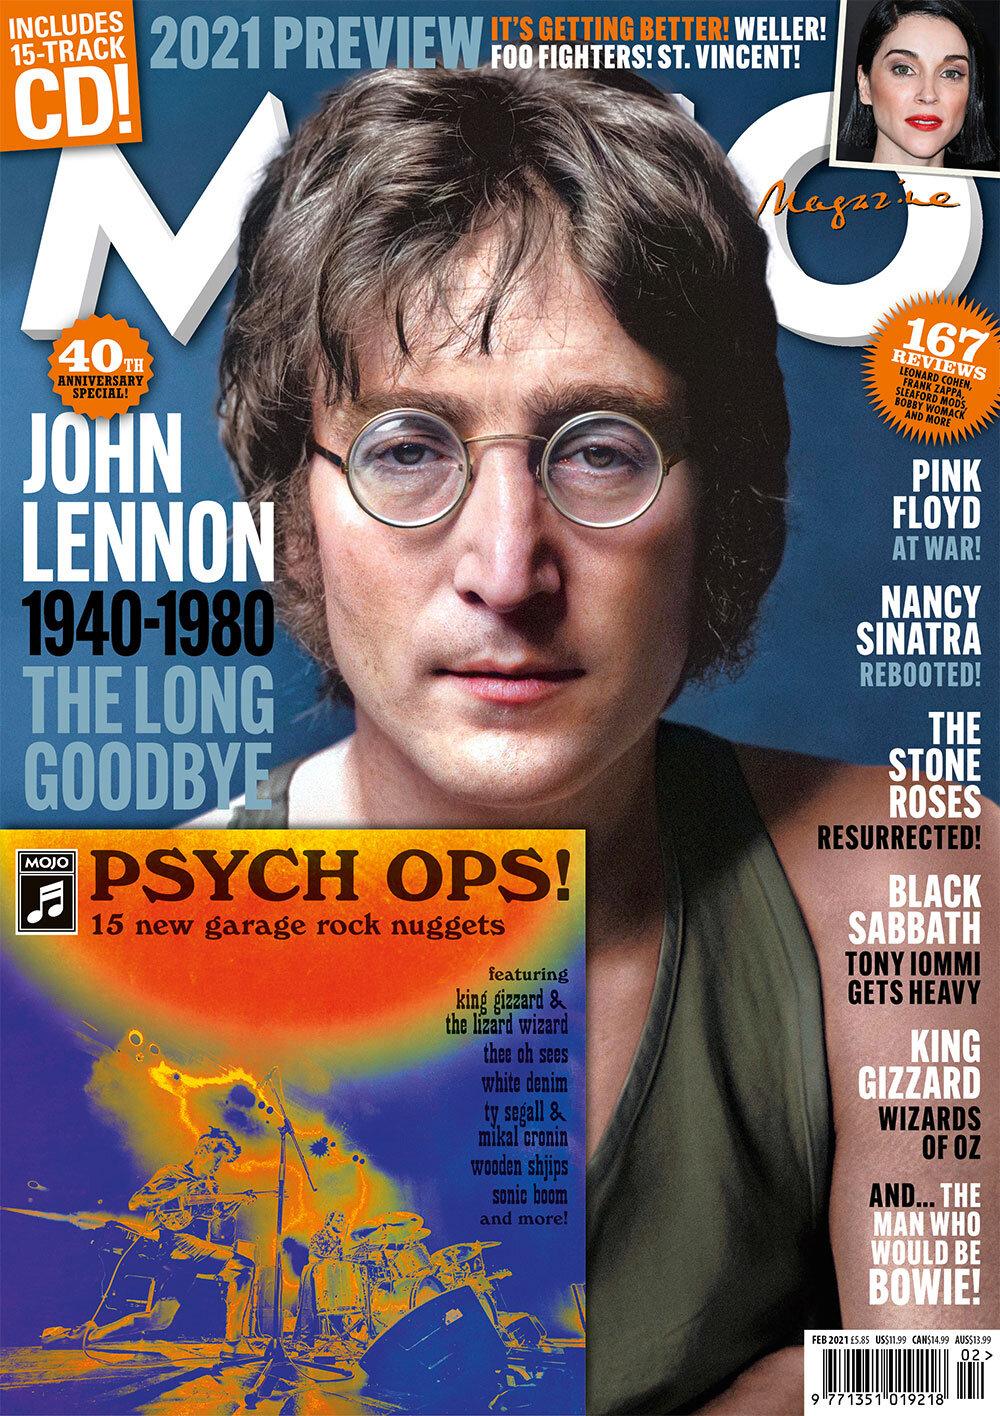 MOJO-327-cover-John-Lennon-1000.jpg